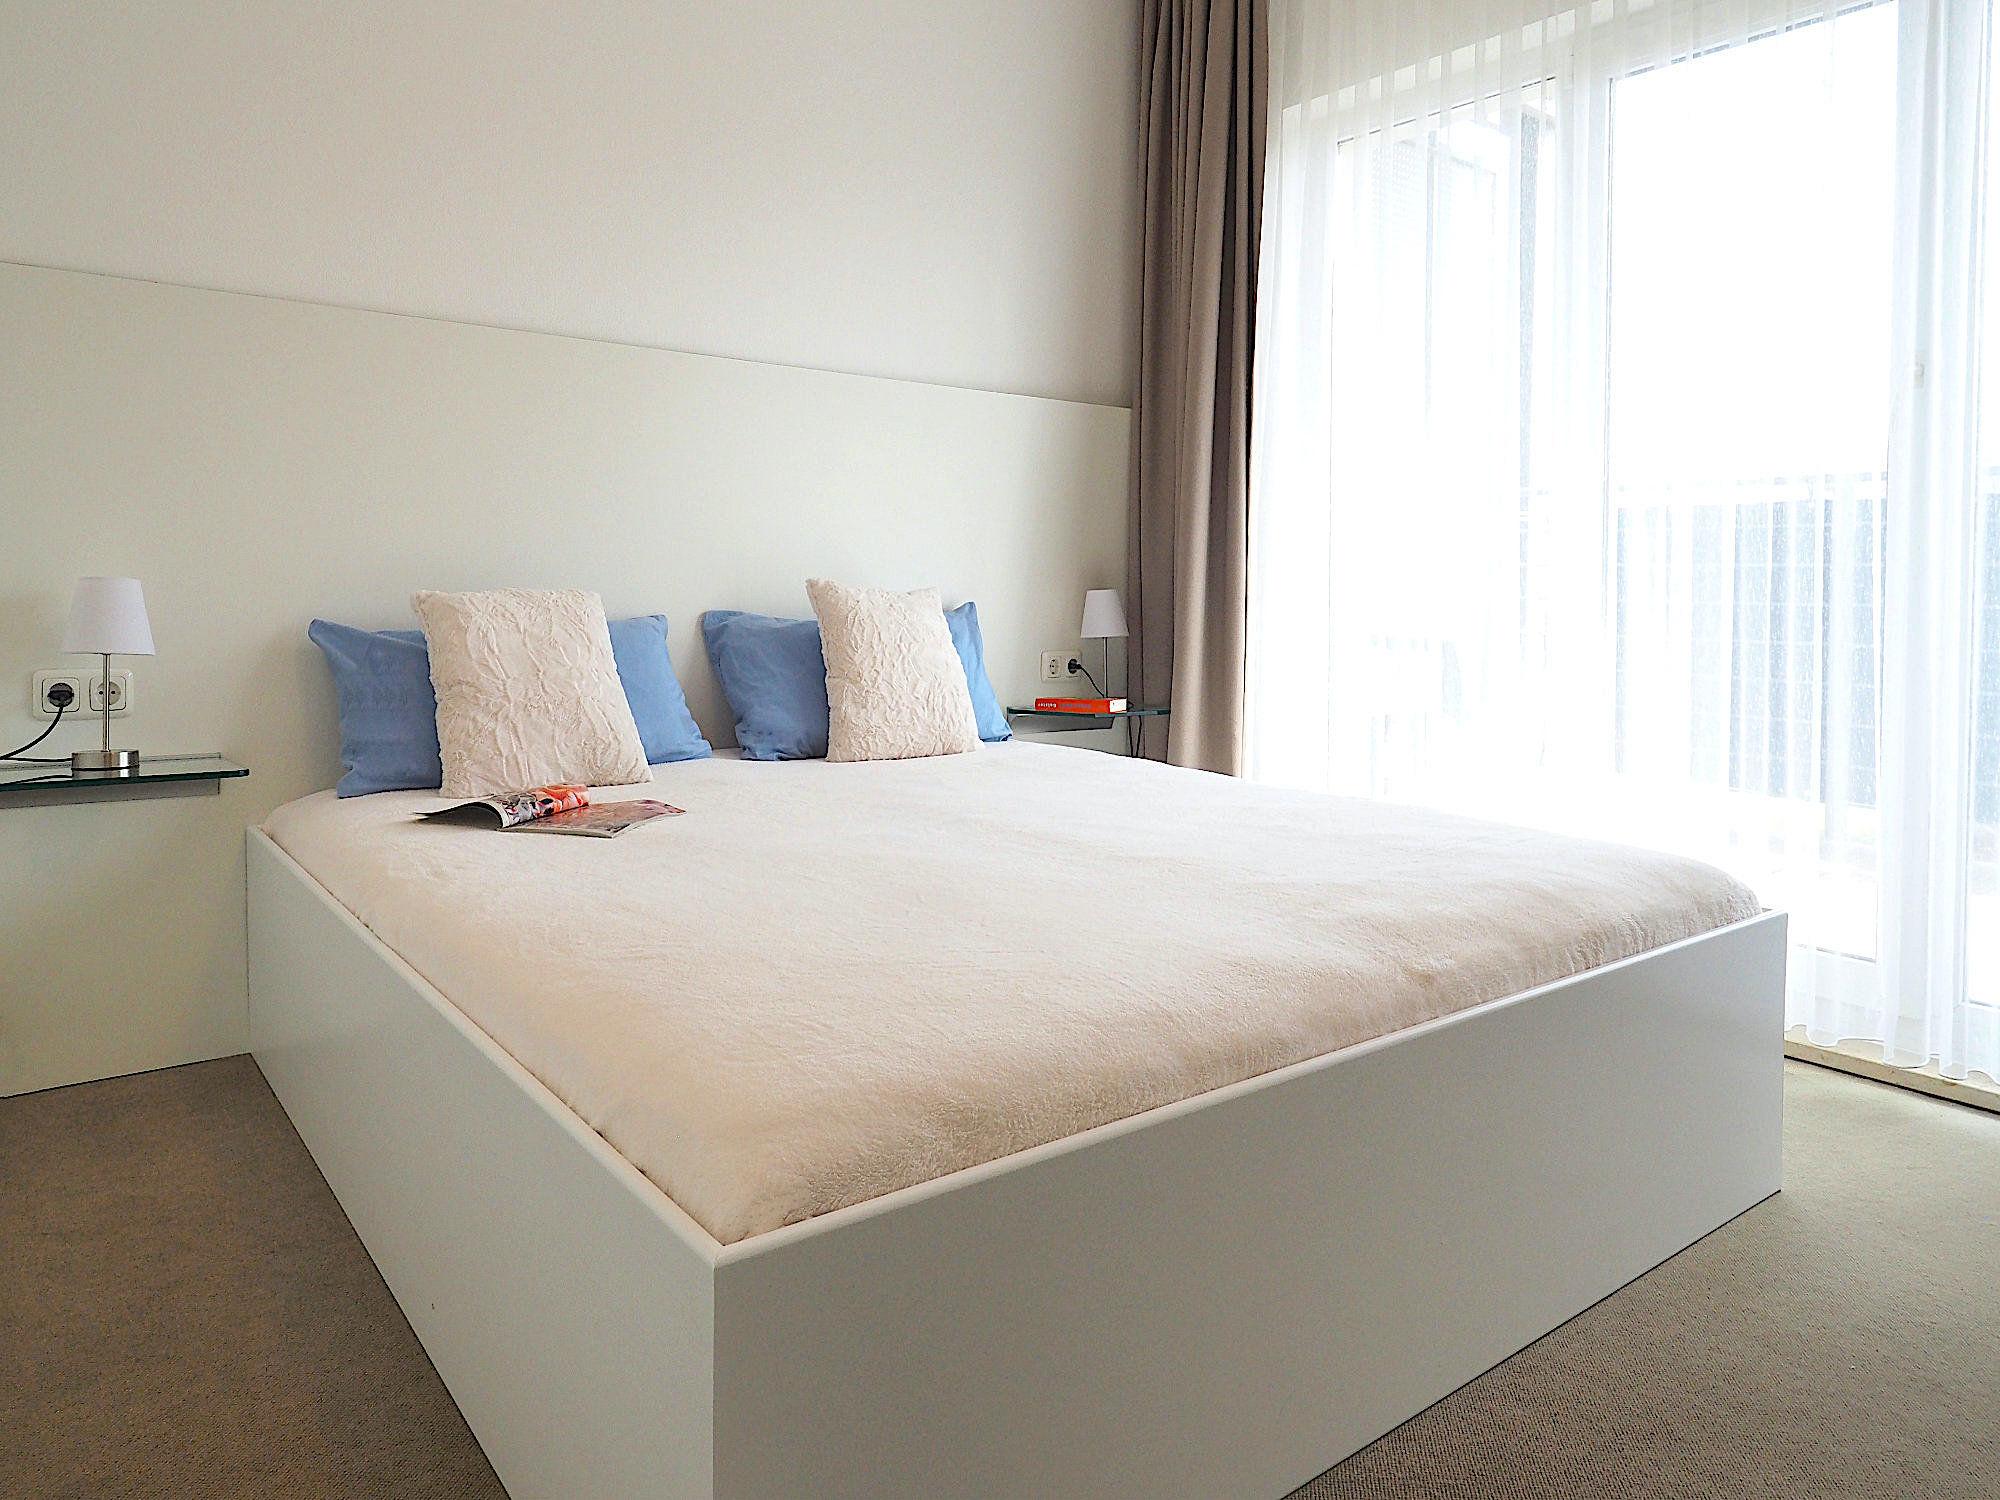 Schlafzimmer mit Doppelbett, rechts davon bodentiefe Fenster